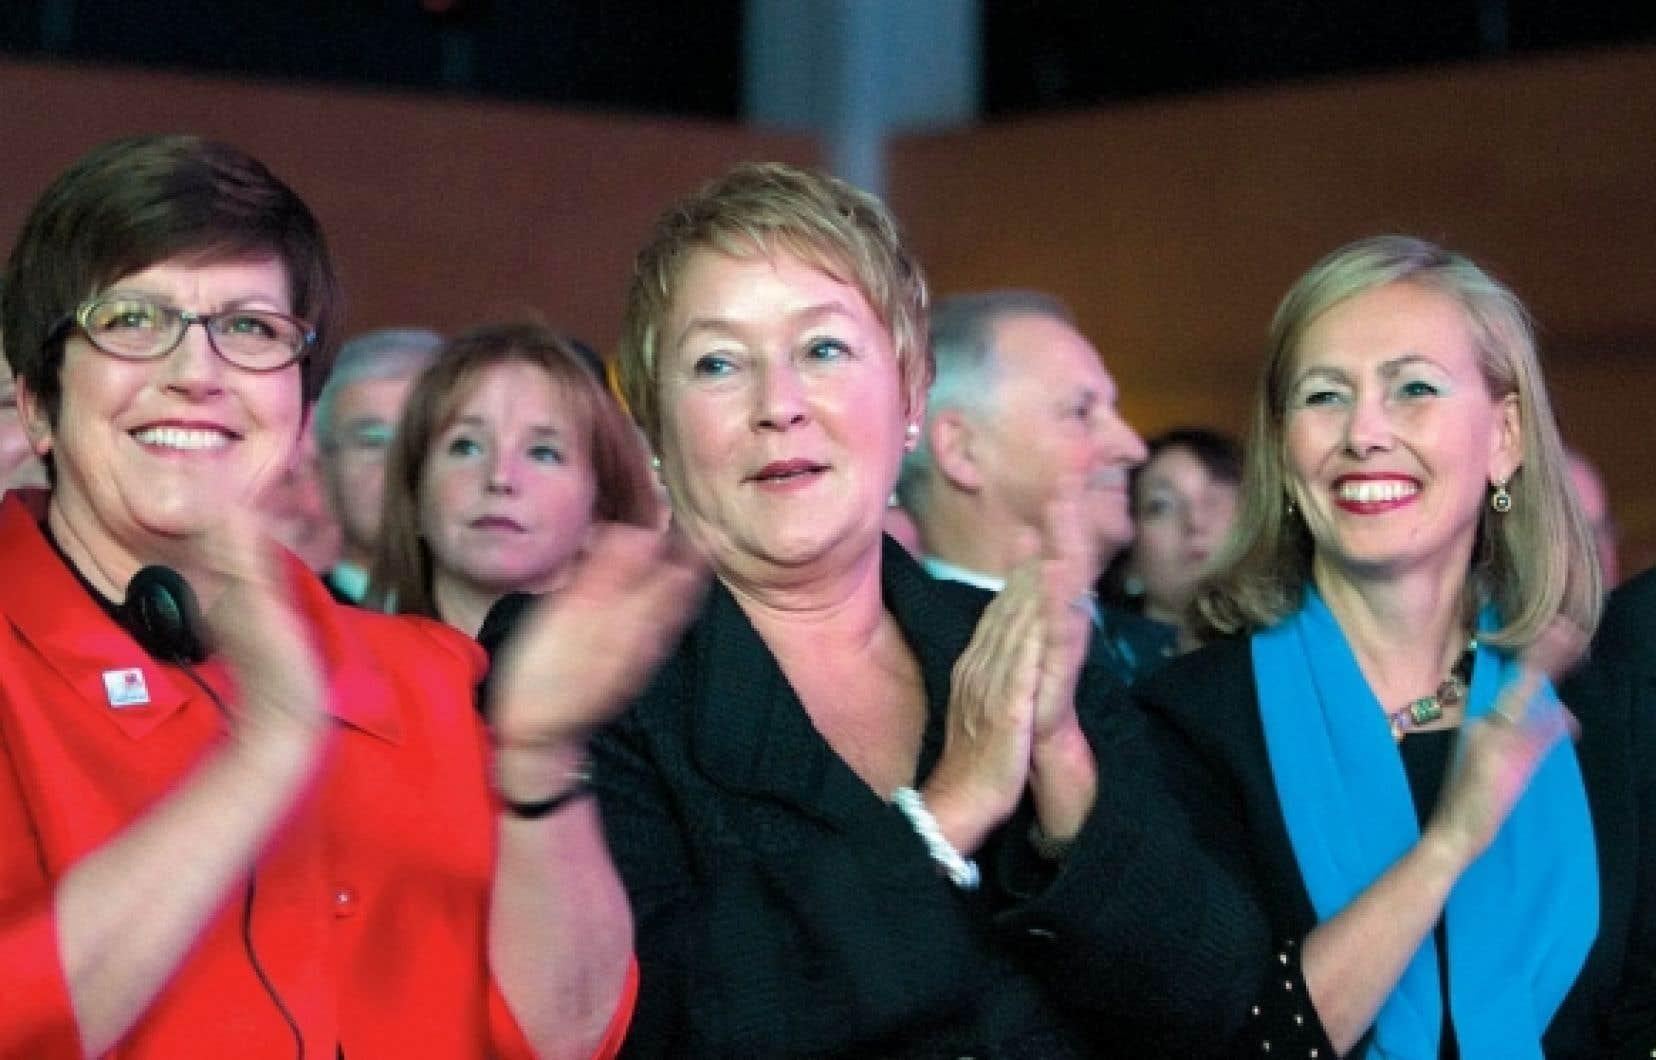 La première ministre Pauline Marois entourée de Pauline Green, présidente de l'Alliance coopérative internationale, et de Monique Leroux, présidente et chef de la direction du Mouvement Desjardins, lundi soir, à Québec, lors de l'ouverture du Sommet international des coopératives.